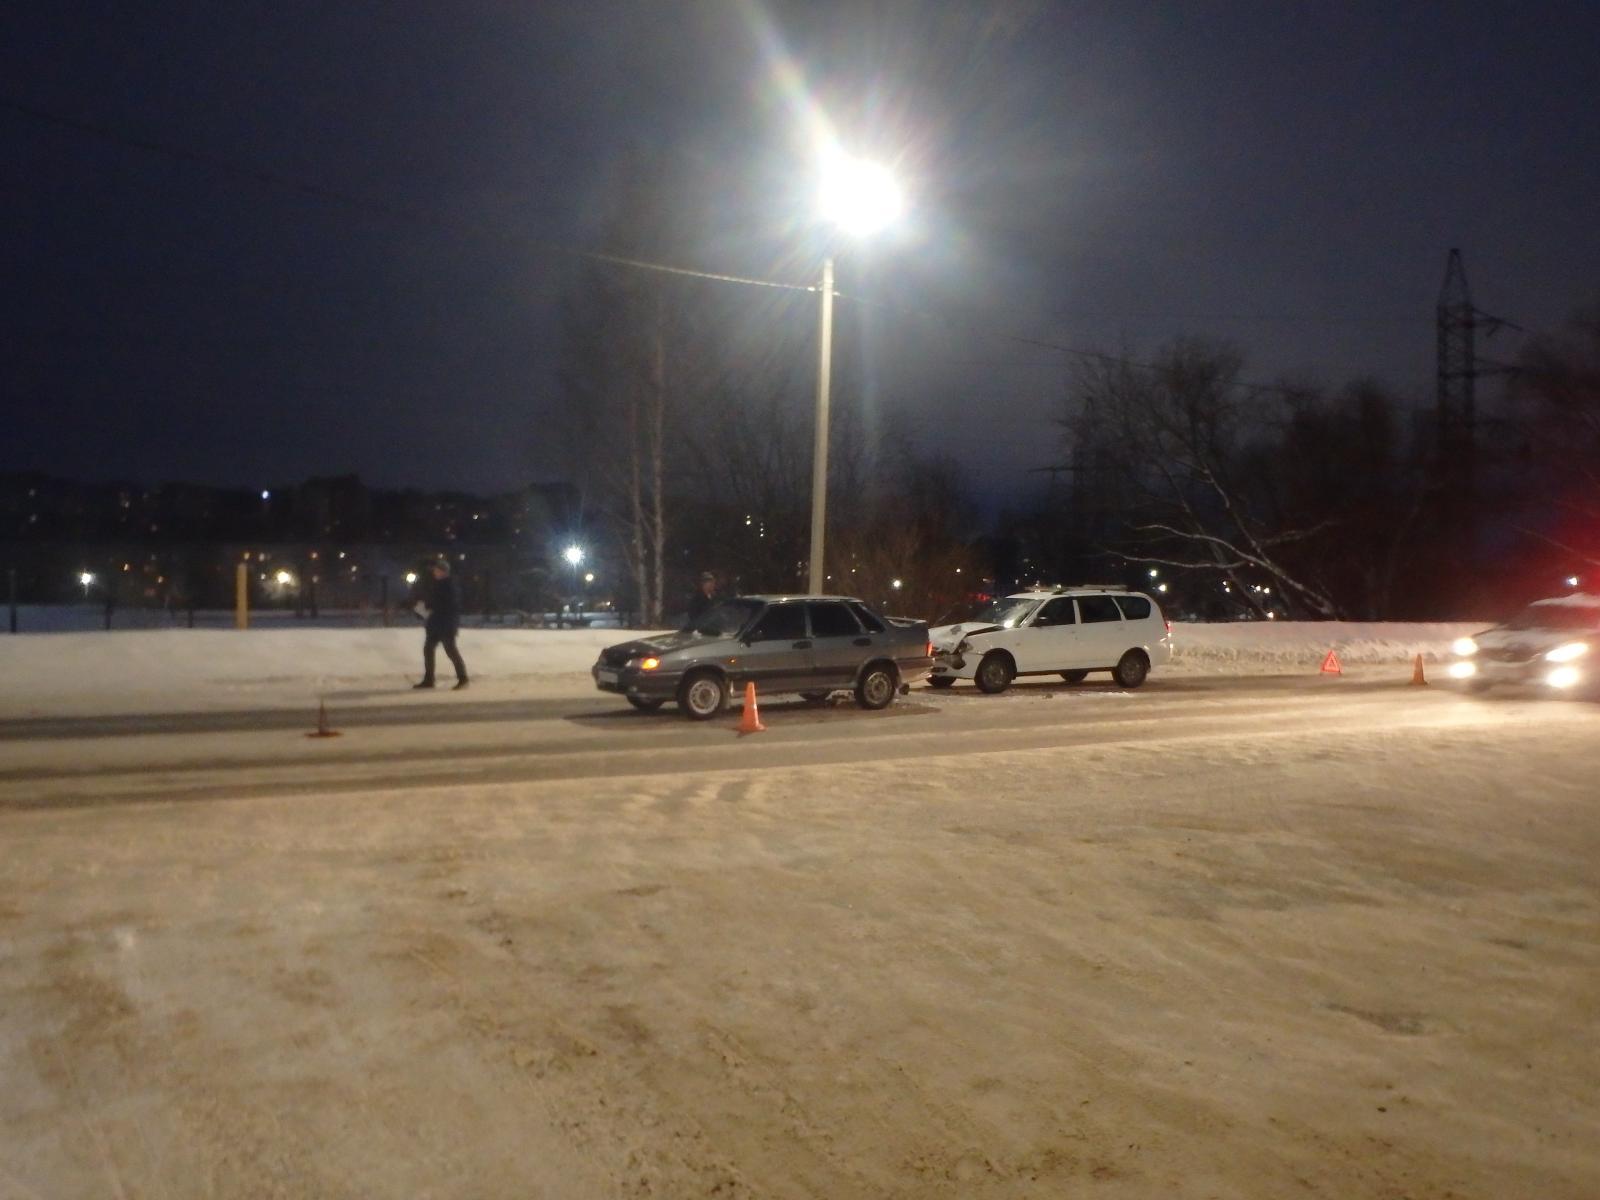 В Чепецке столкнулись два авто: пострадала 29-летняя девушка-водитель